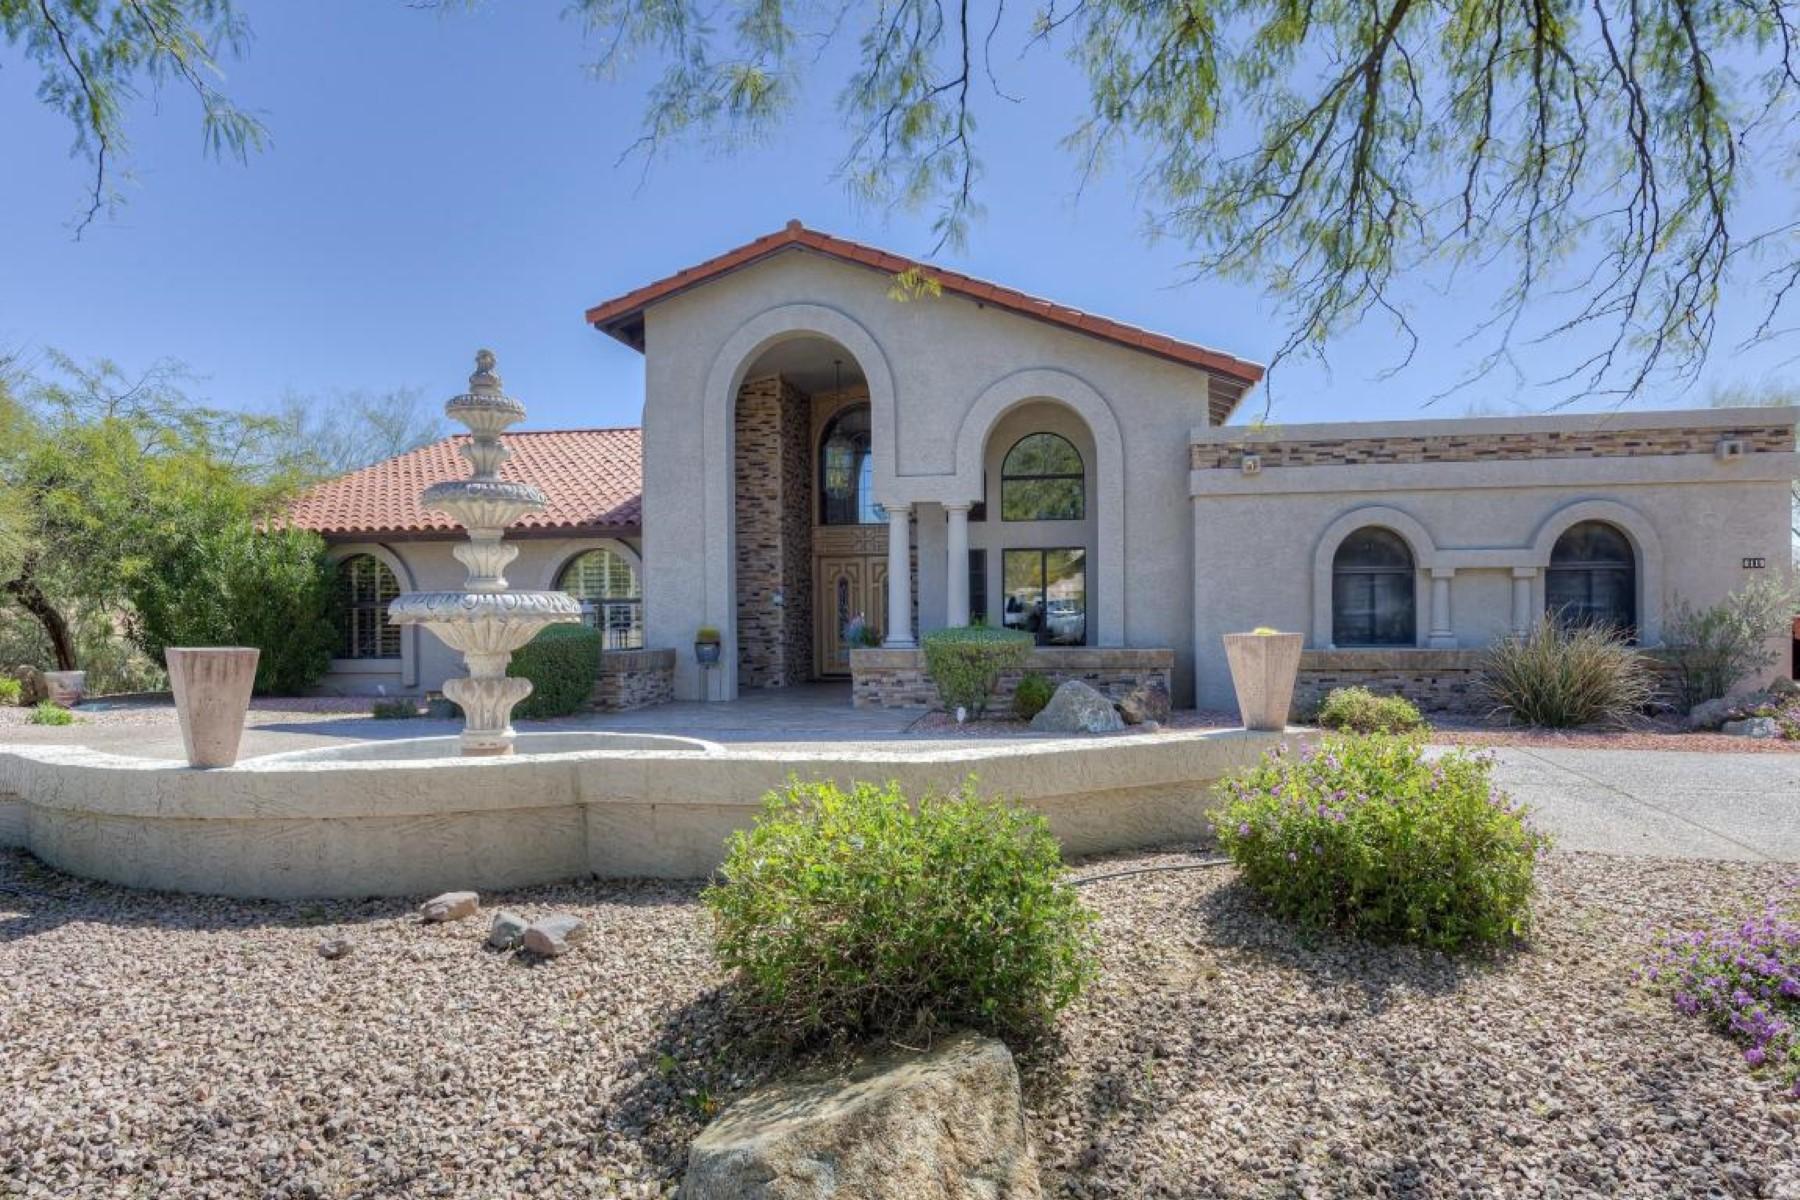 단독 가정 주택 용 매매 에 Awesome investment to live in - in the heart of North Scottsdale 8119 E PARKVIEW LN Scottsdale, 아리조나 85255 미국